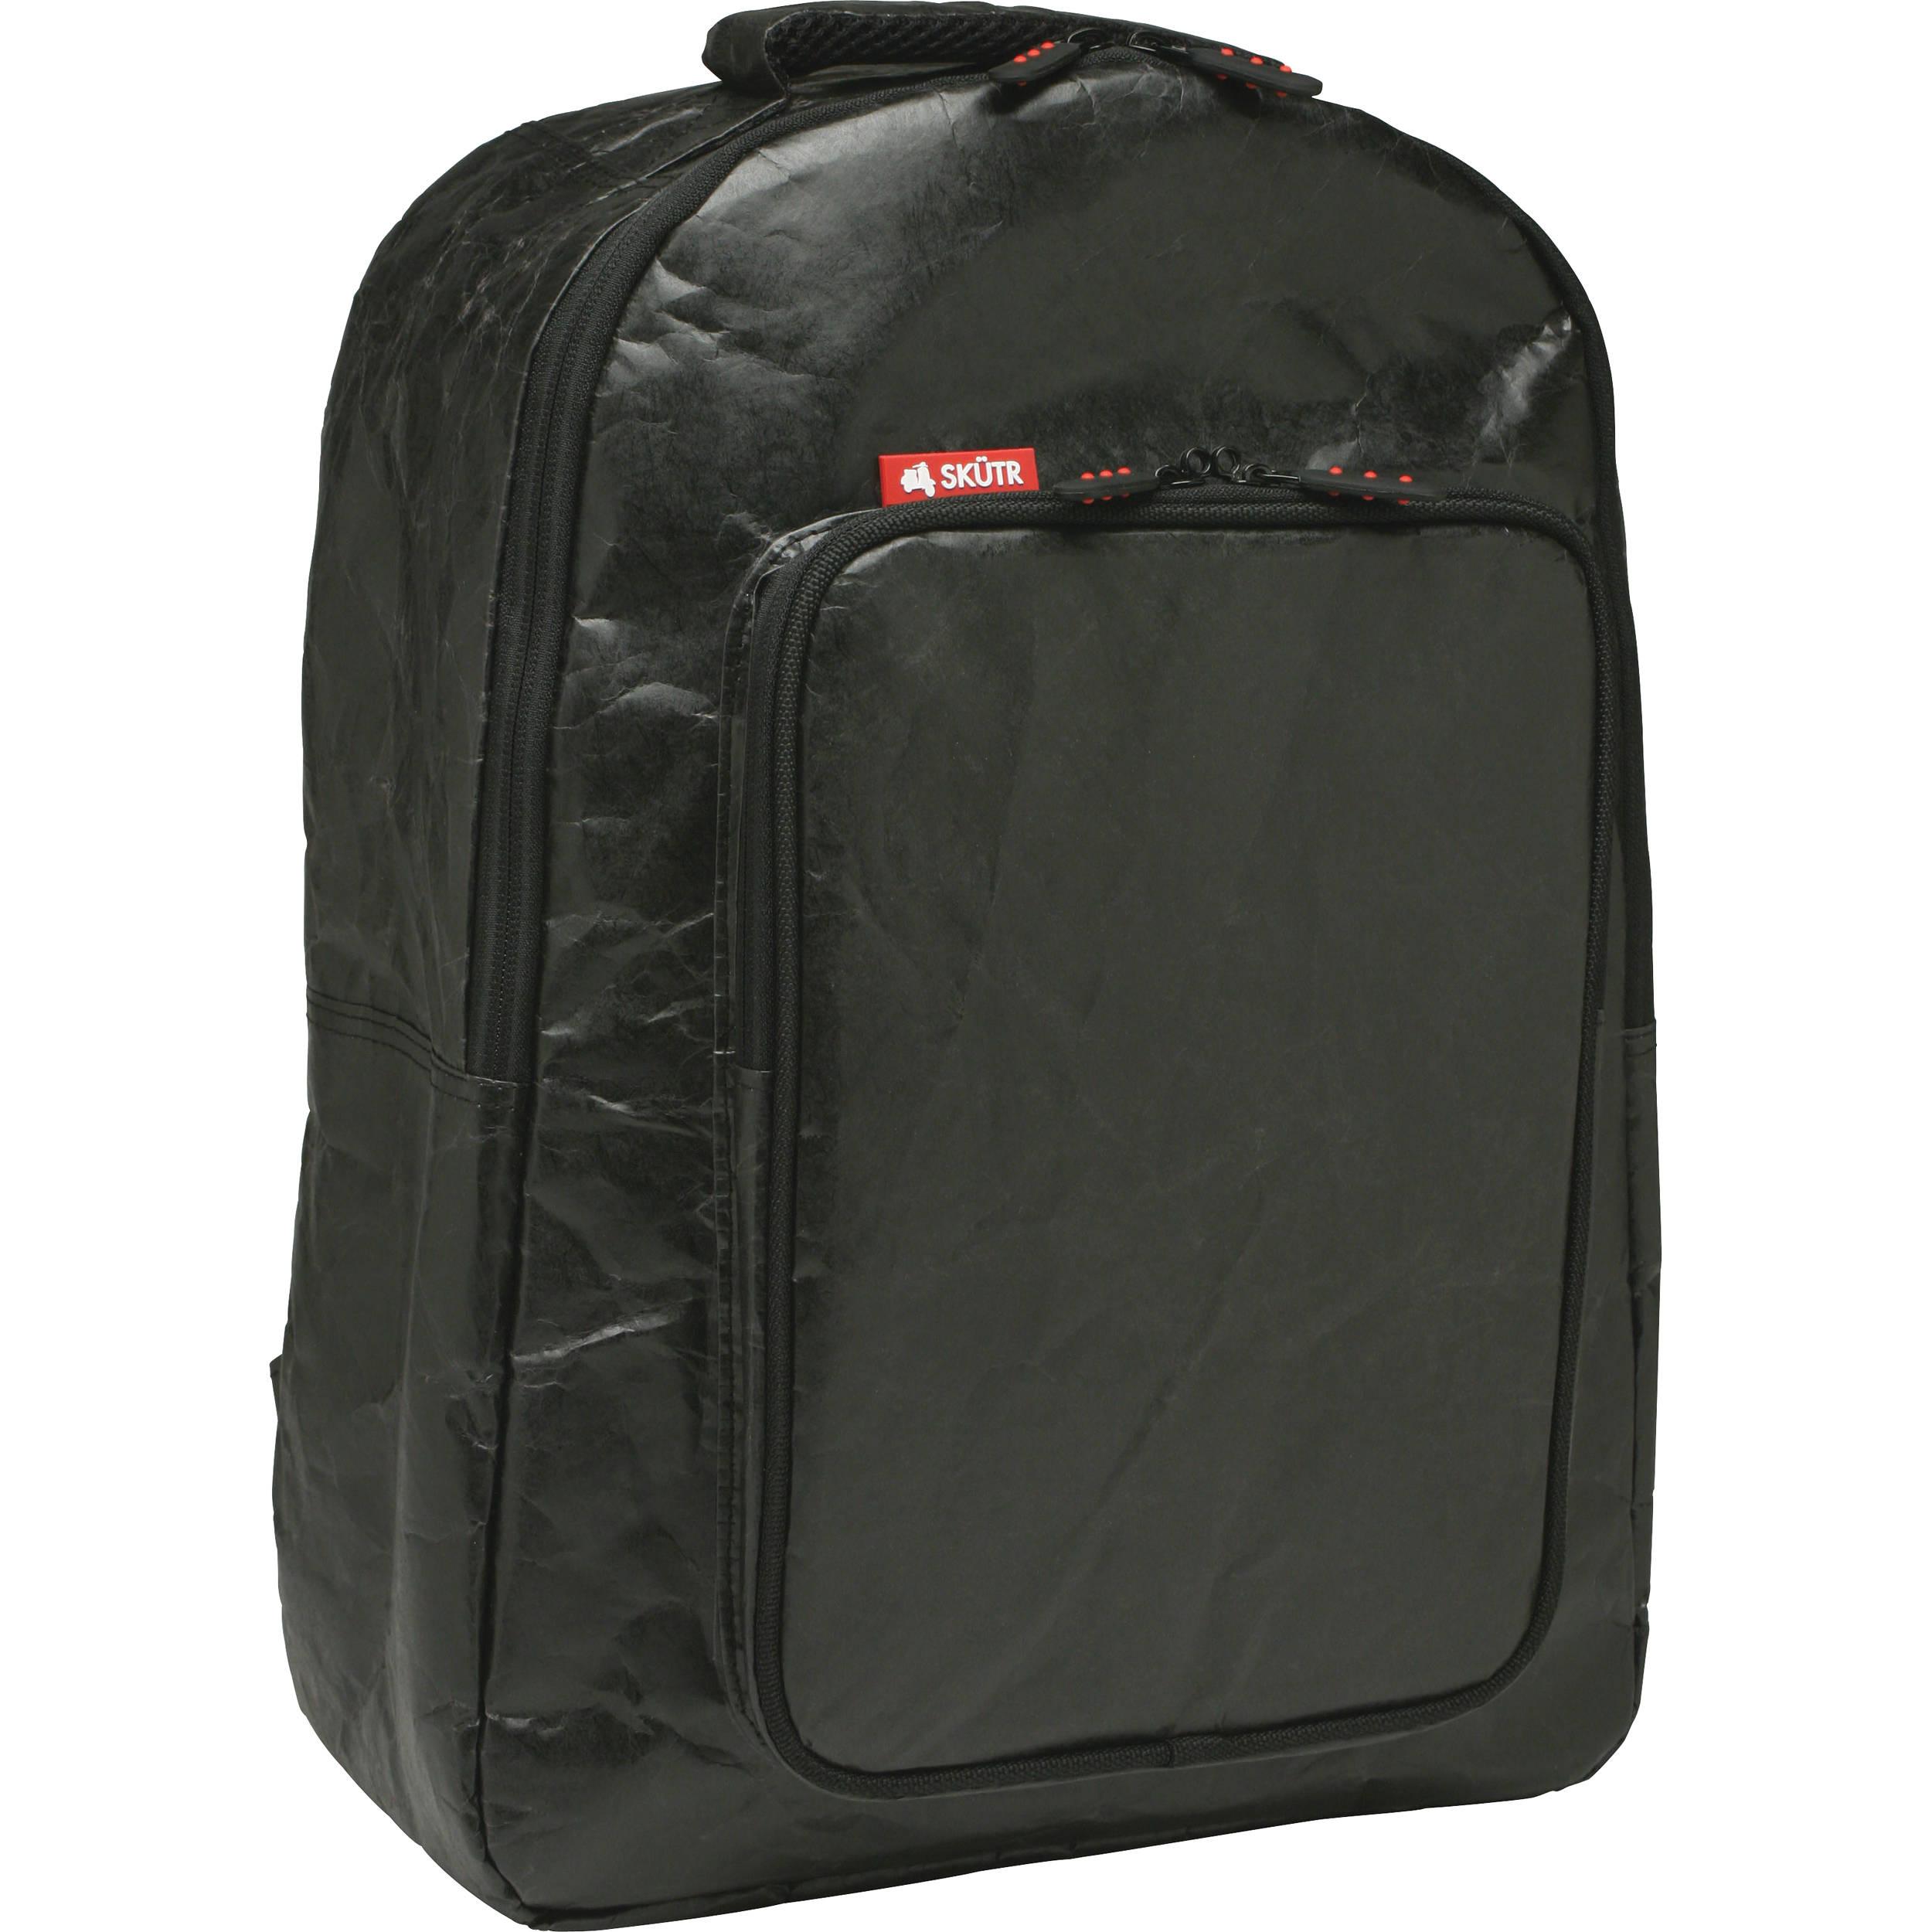 Skutr backpack + tablet Bag (Black, Tyvek) BP2-BK B H Photo 2e18ecf4ff